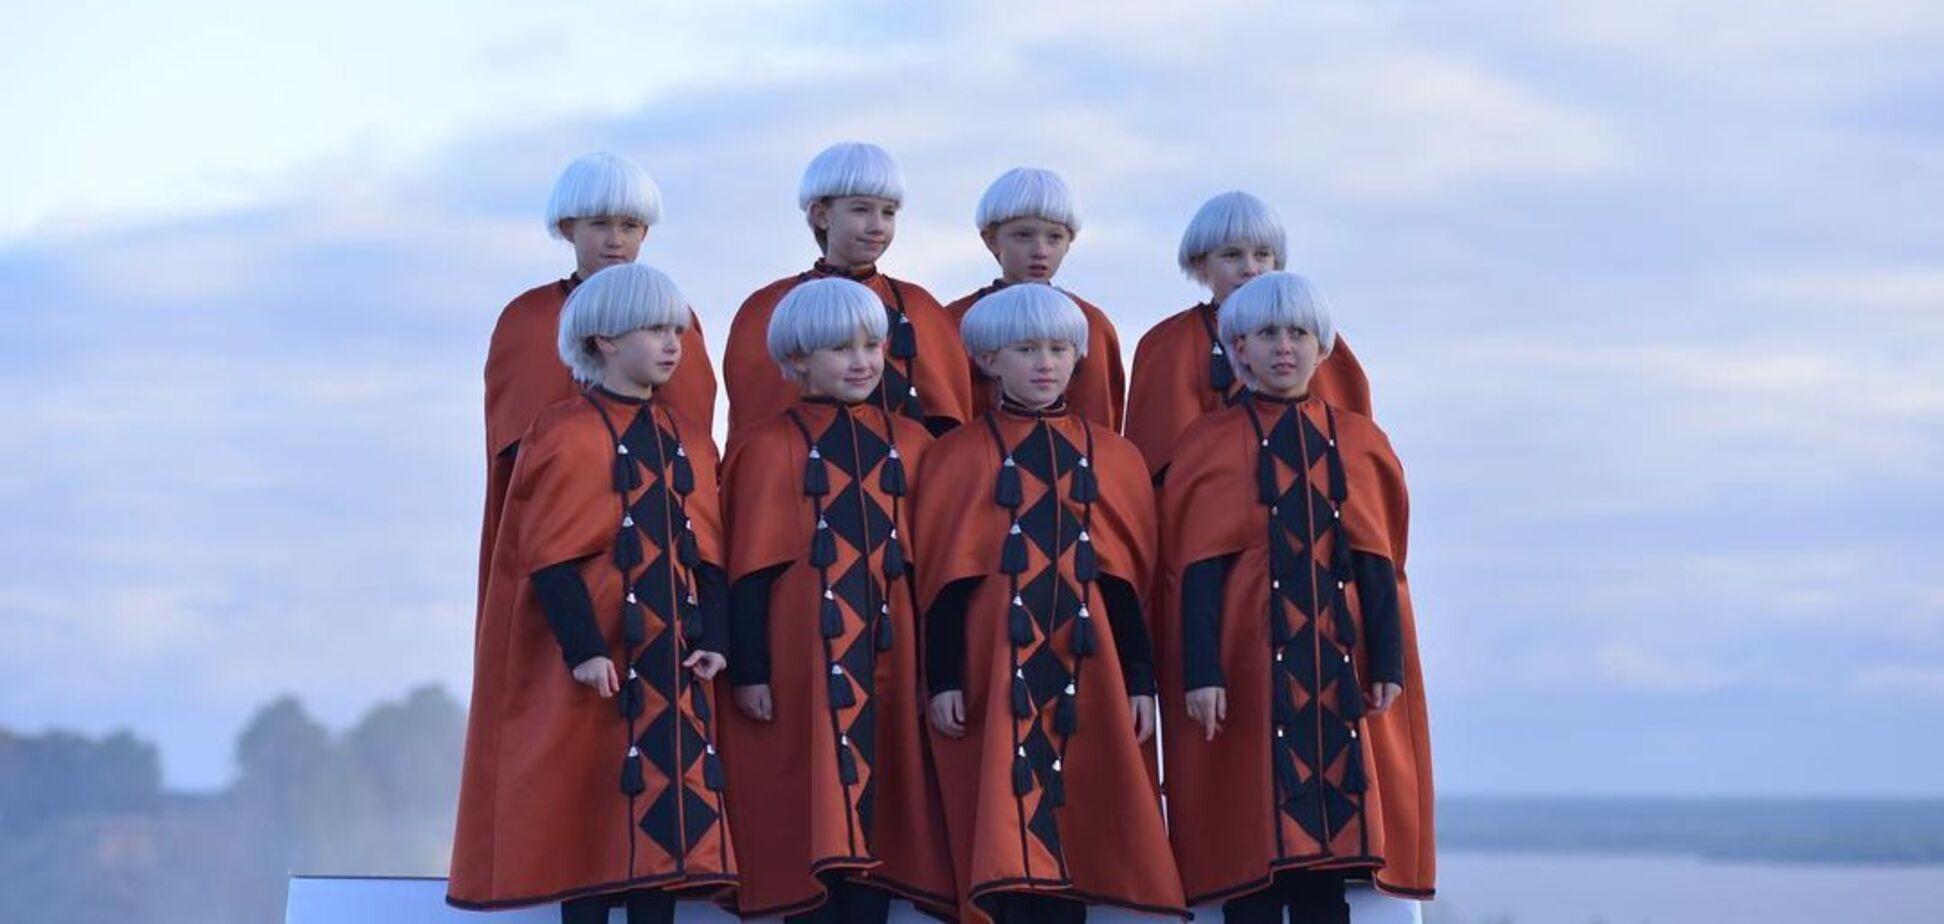 Кліп ONUKA отримав престижну нагороду на міжнародному кінофестивалі